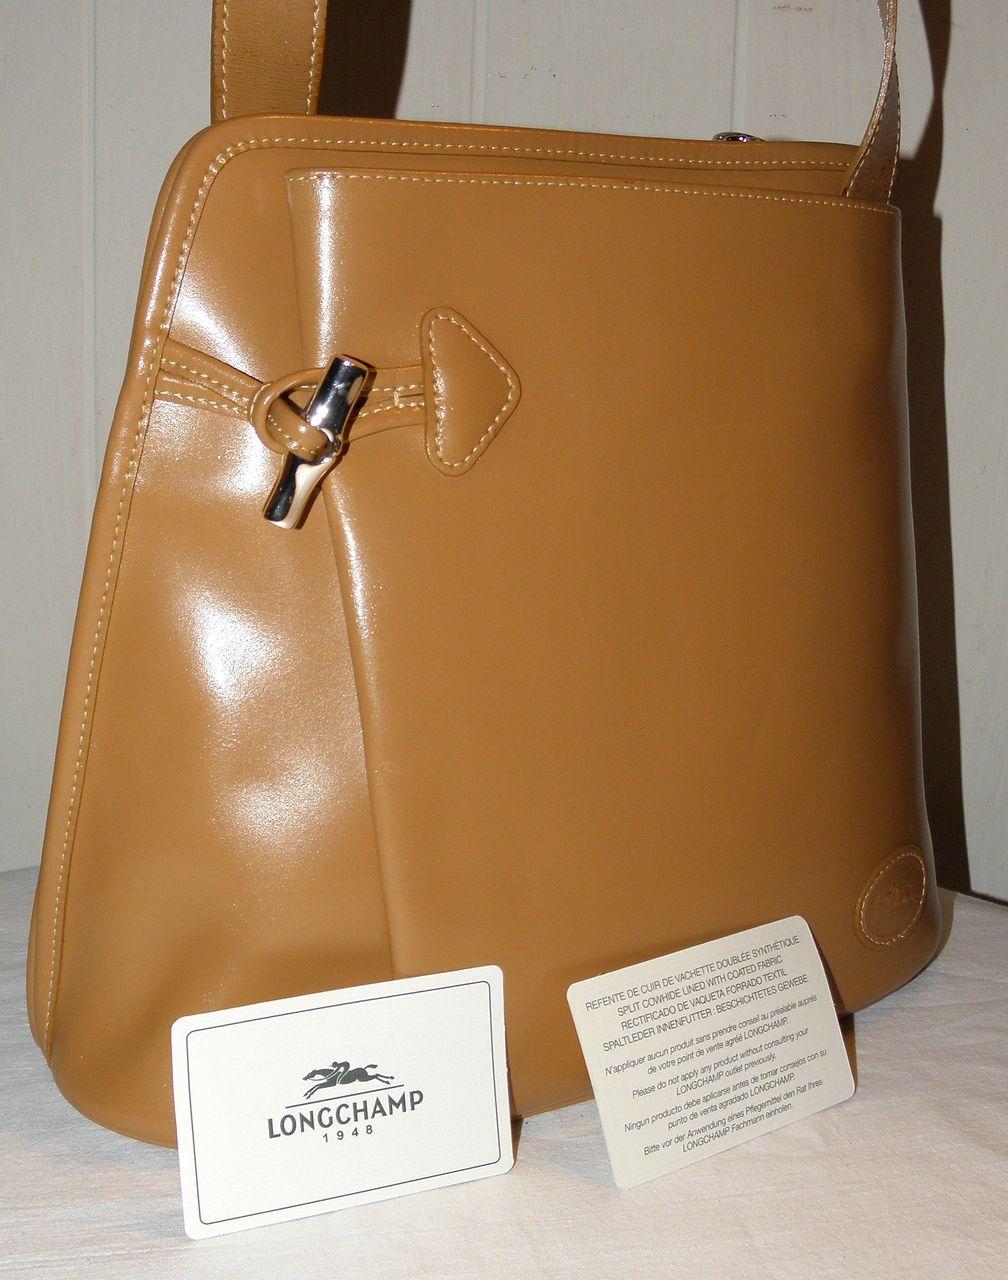 vintage longchamp roseau valise satchel red tag sale item sold on ruby lane. Black Bedroom Furniture Sets. Home Design Ideas